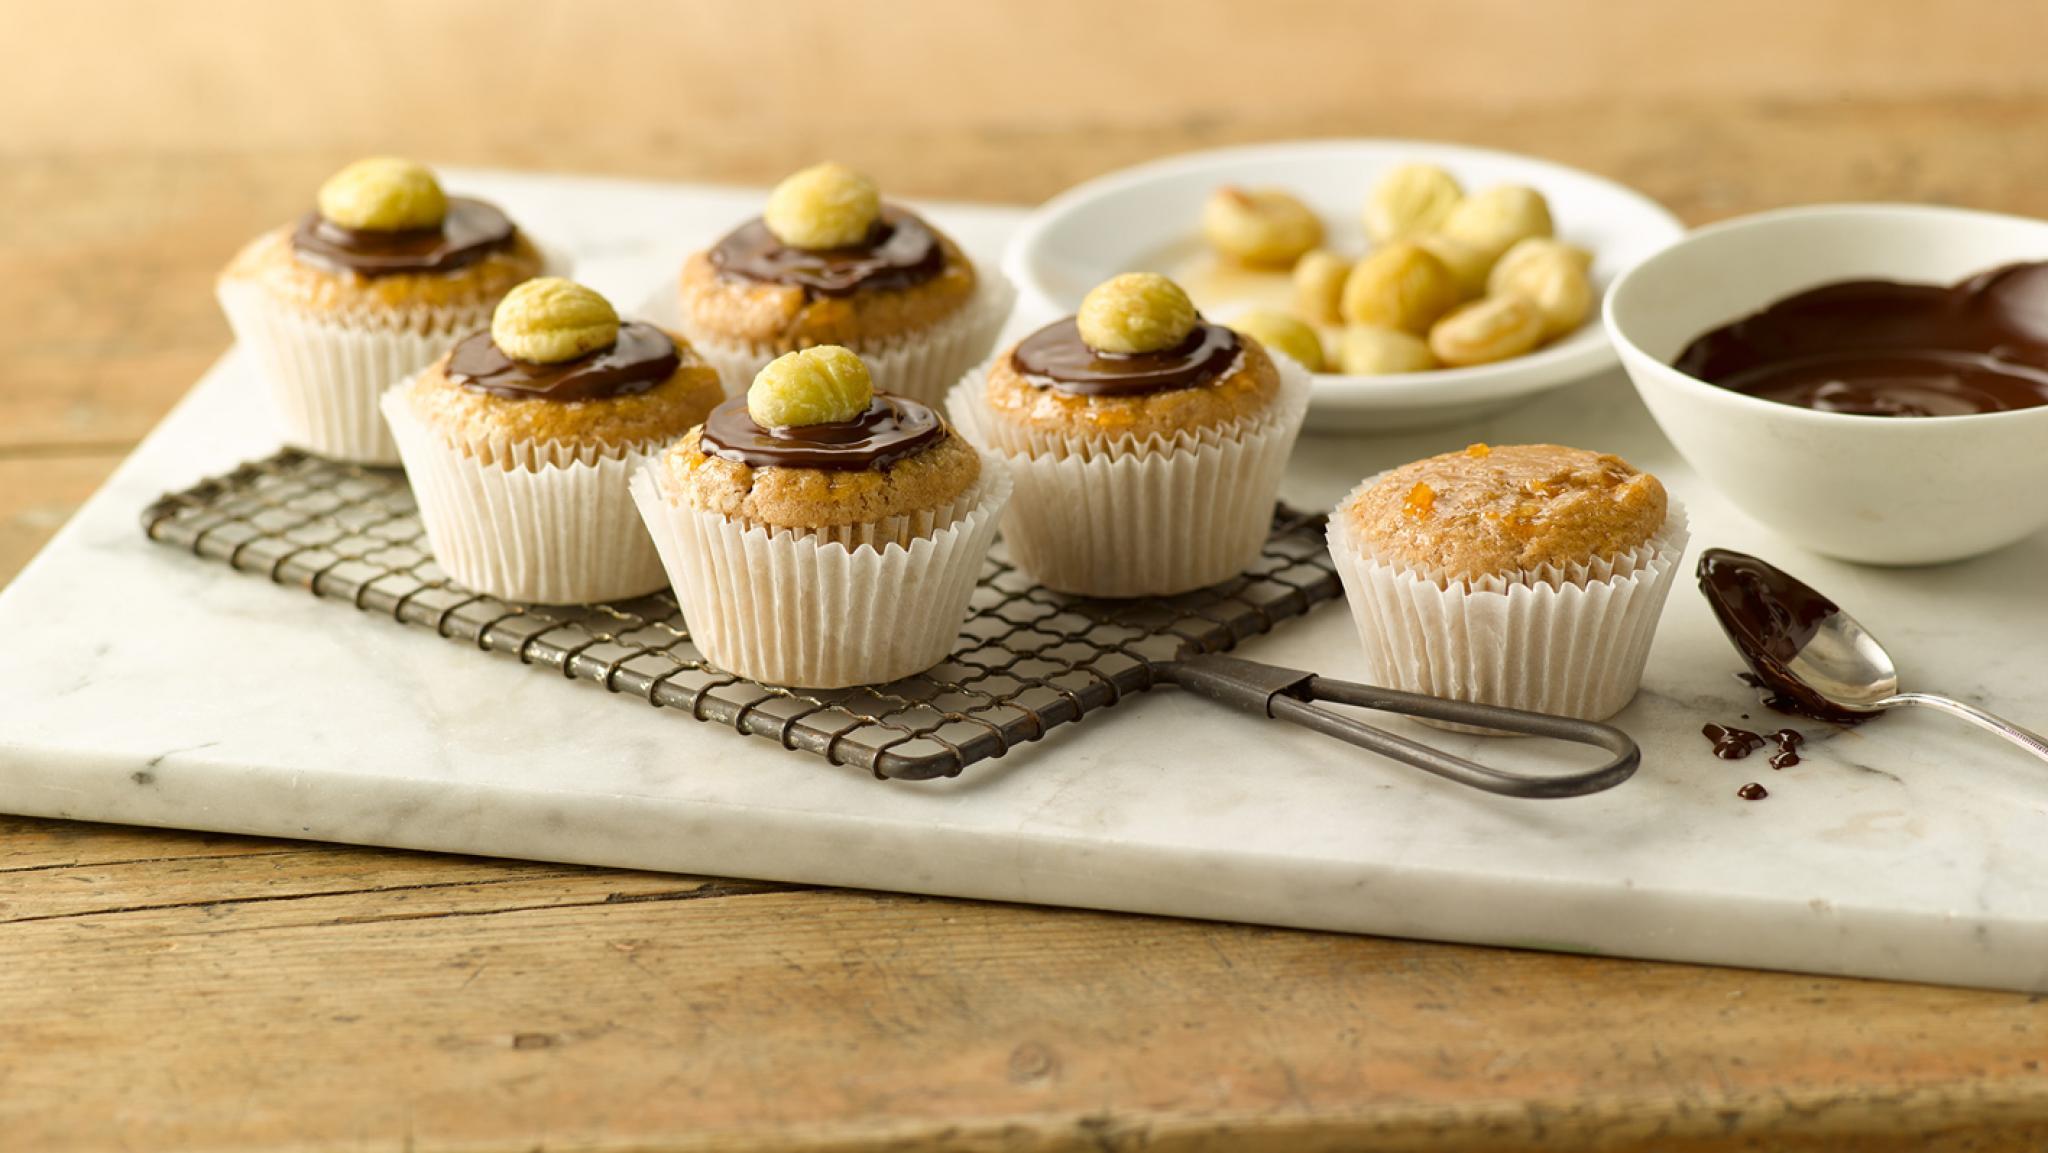 Marroni-Muffins